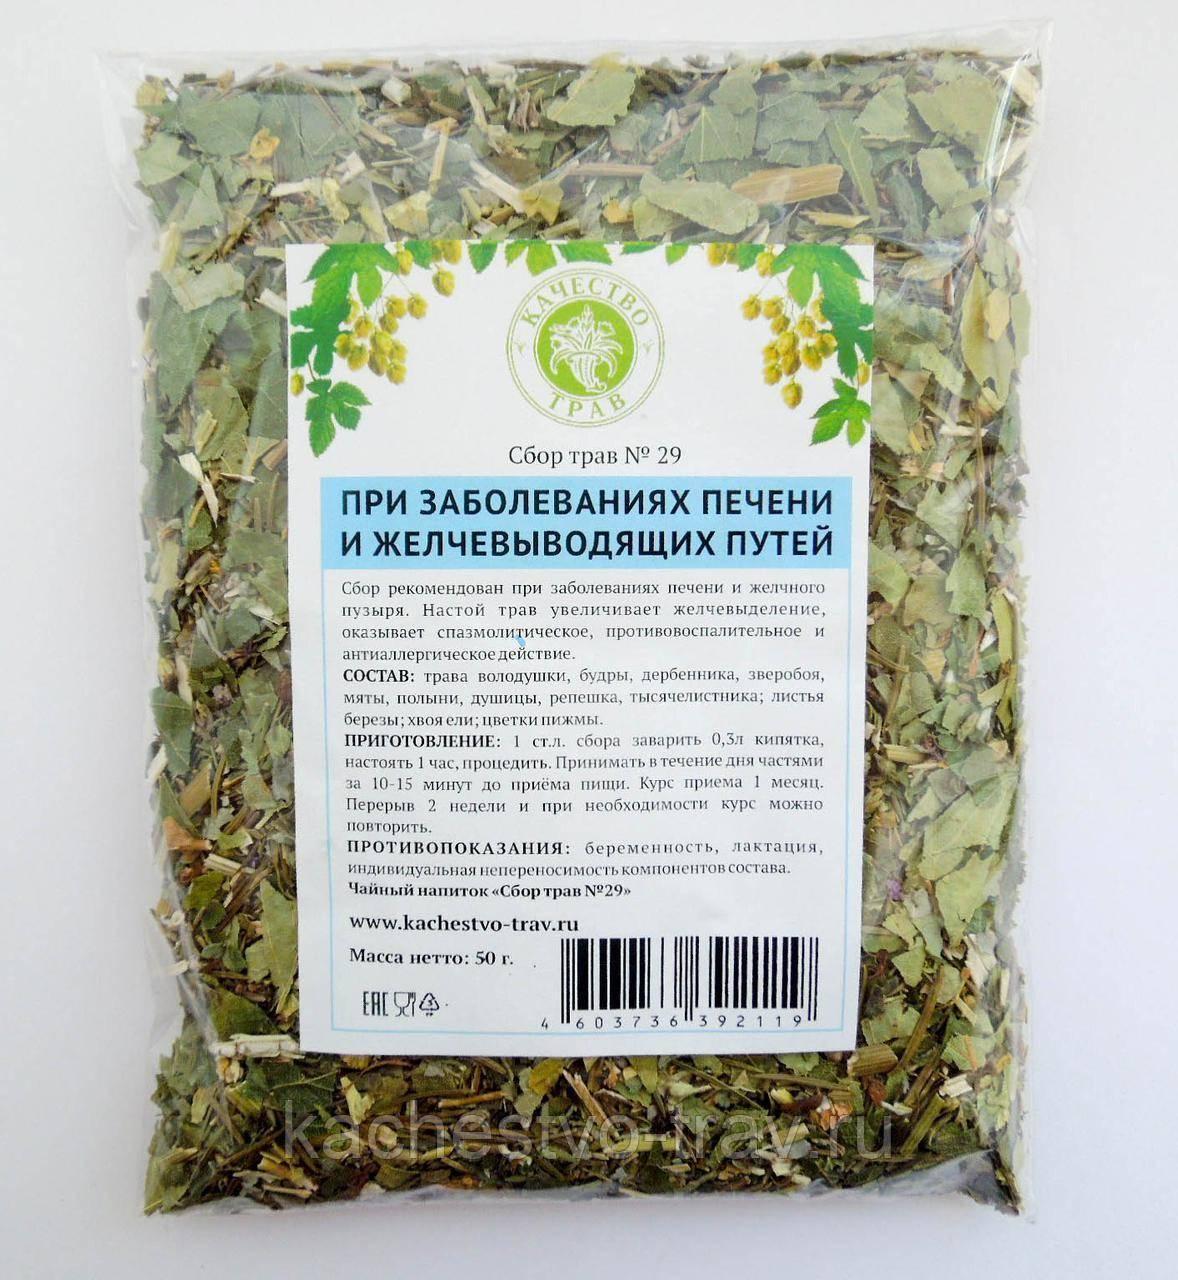 травы при заболеваниях печени